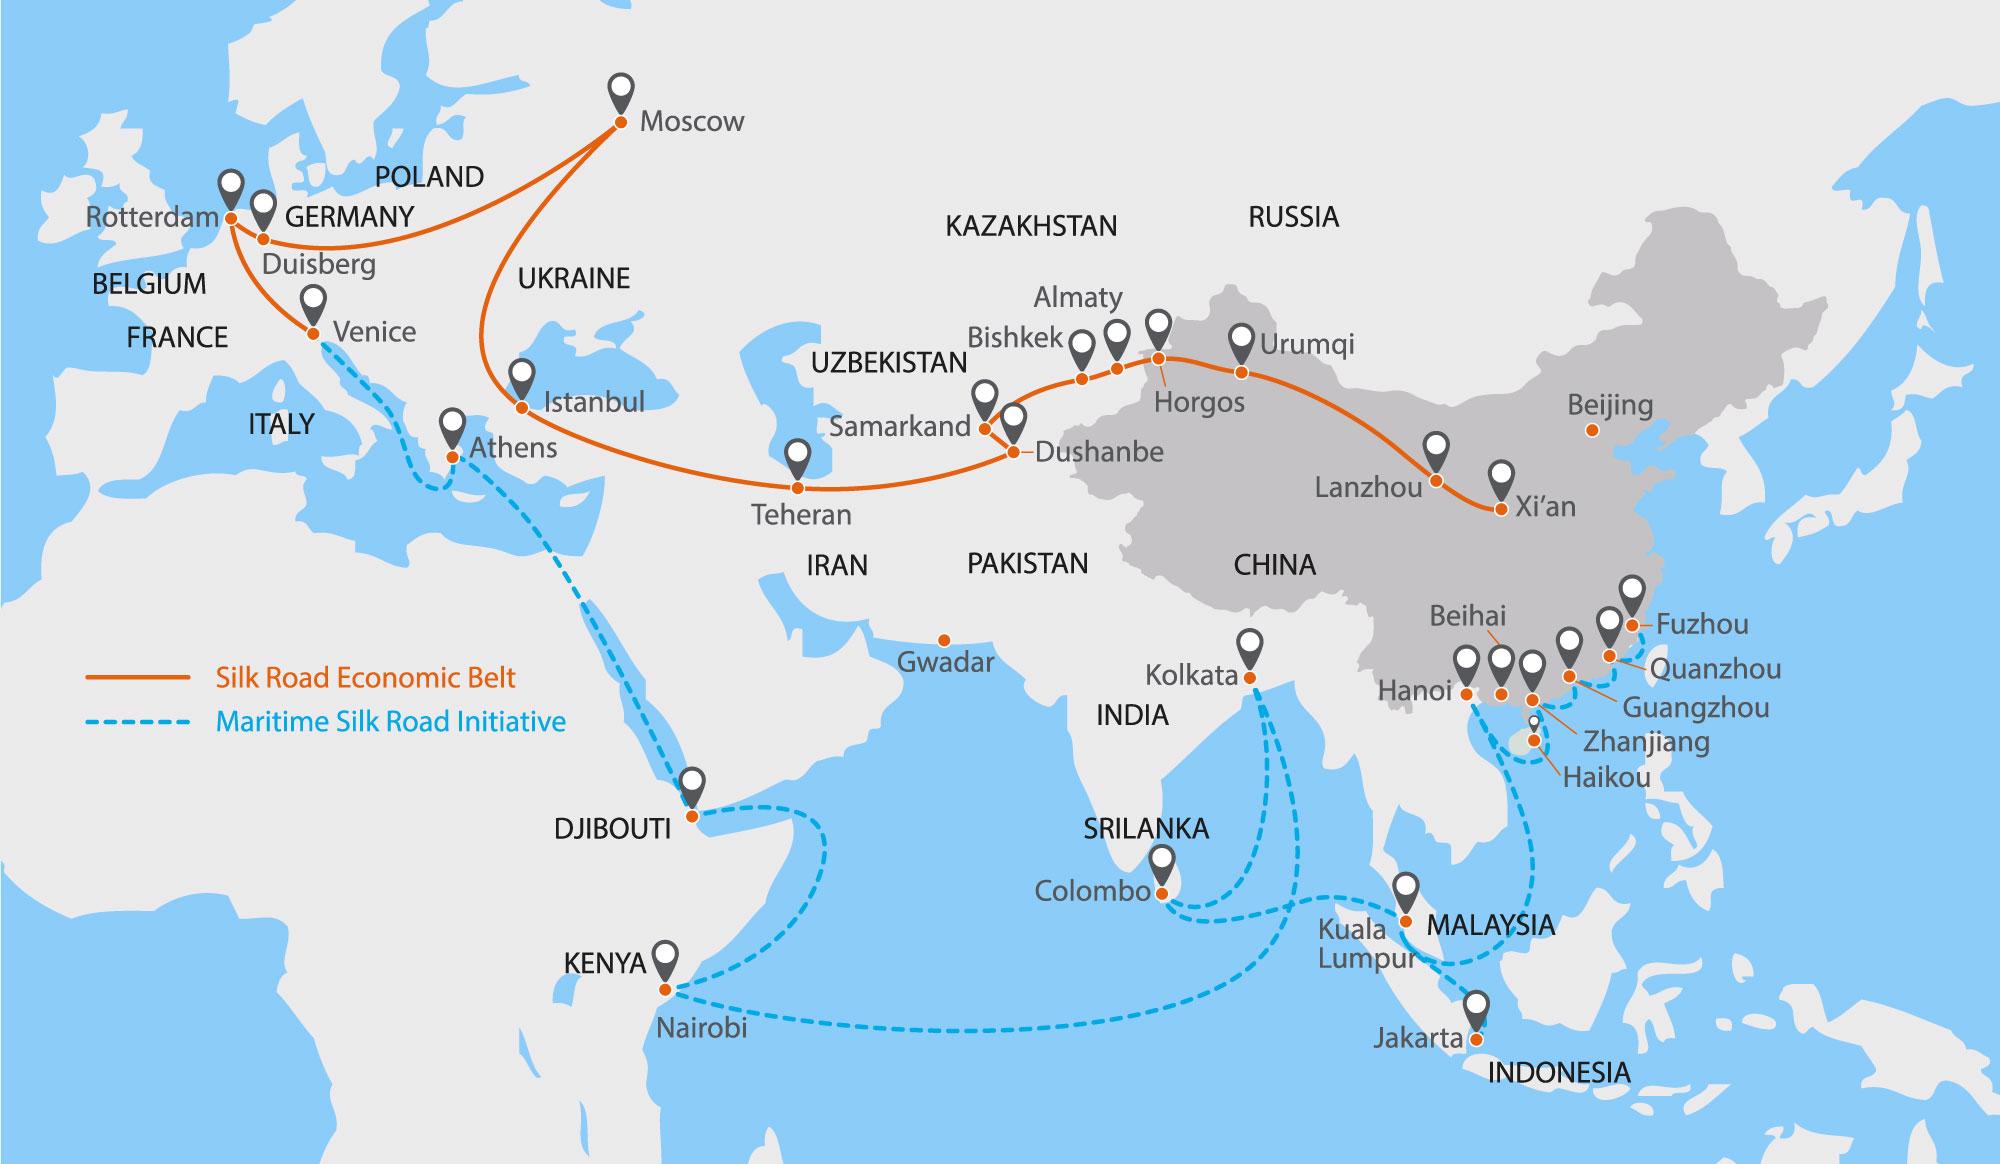 Visualisierung der Seidenstraße auf einer Karte